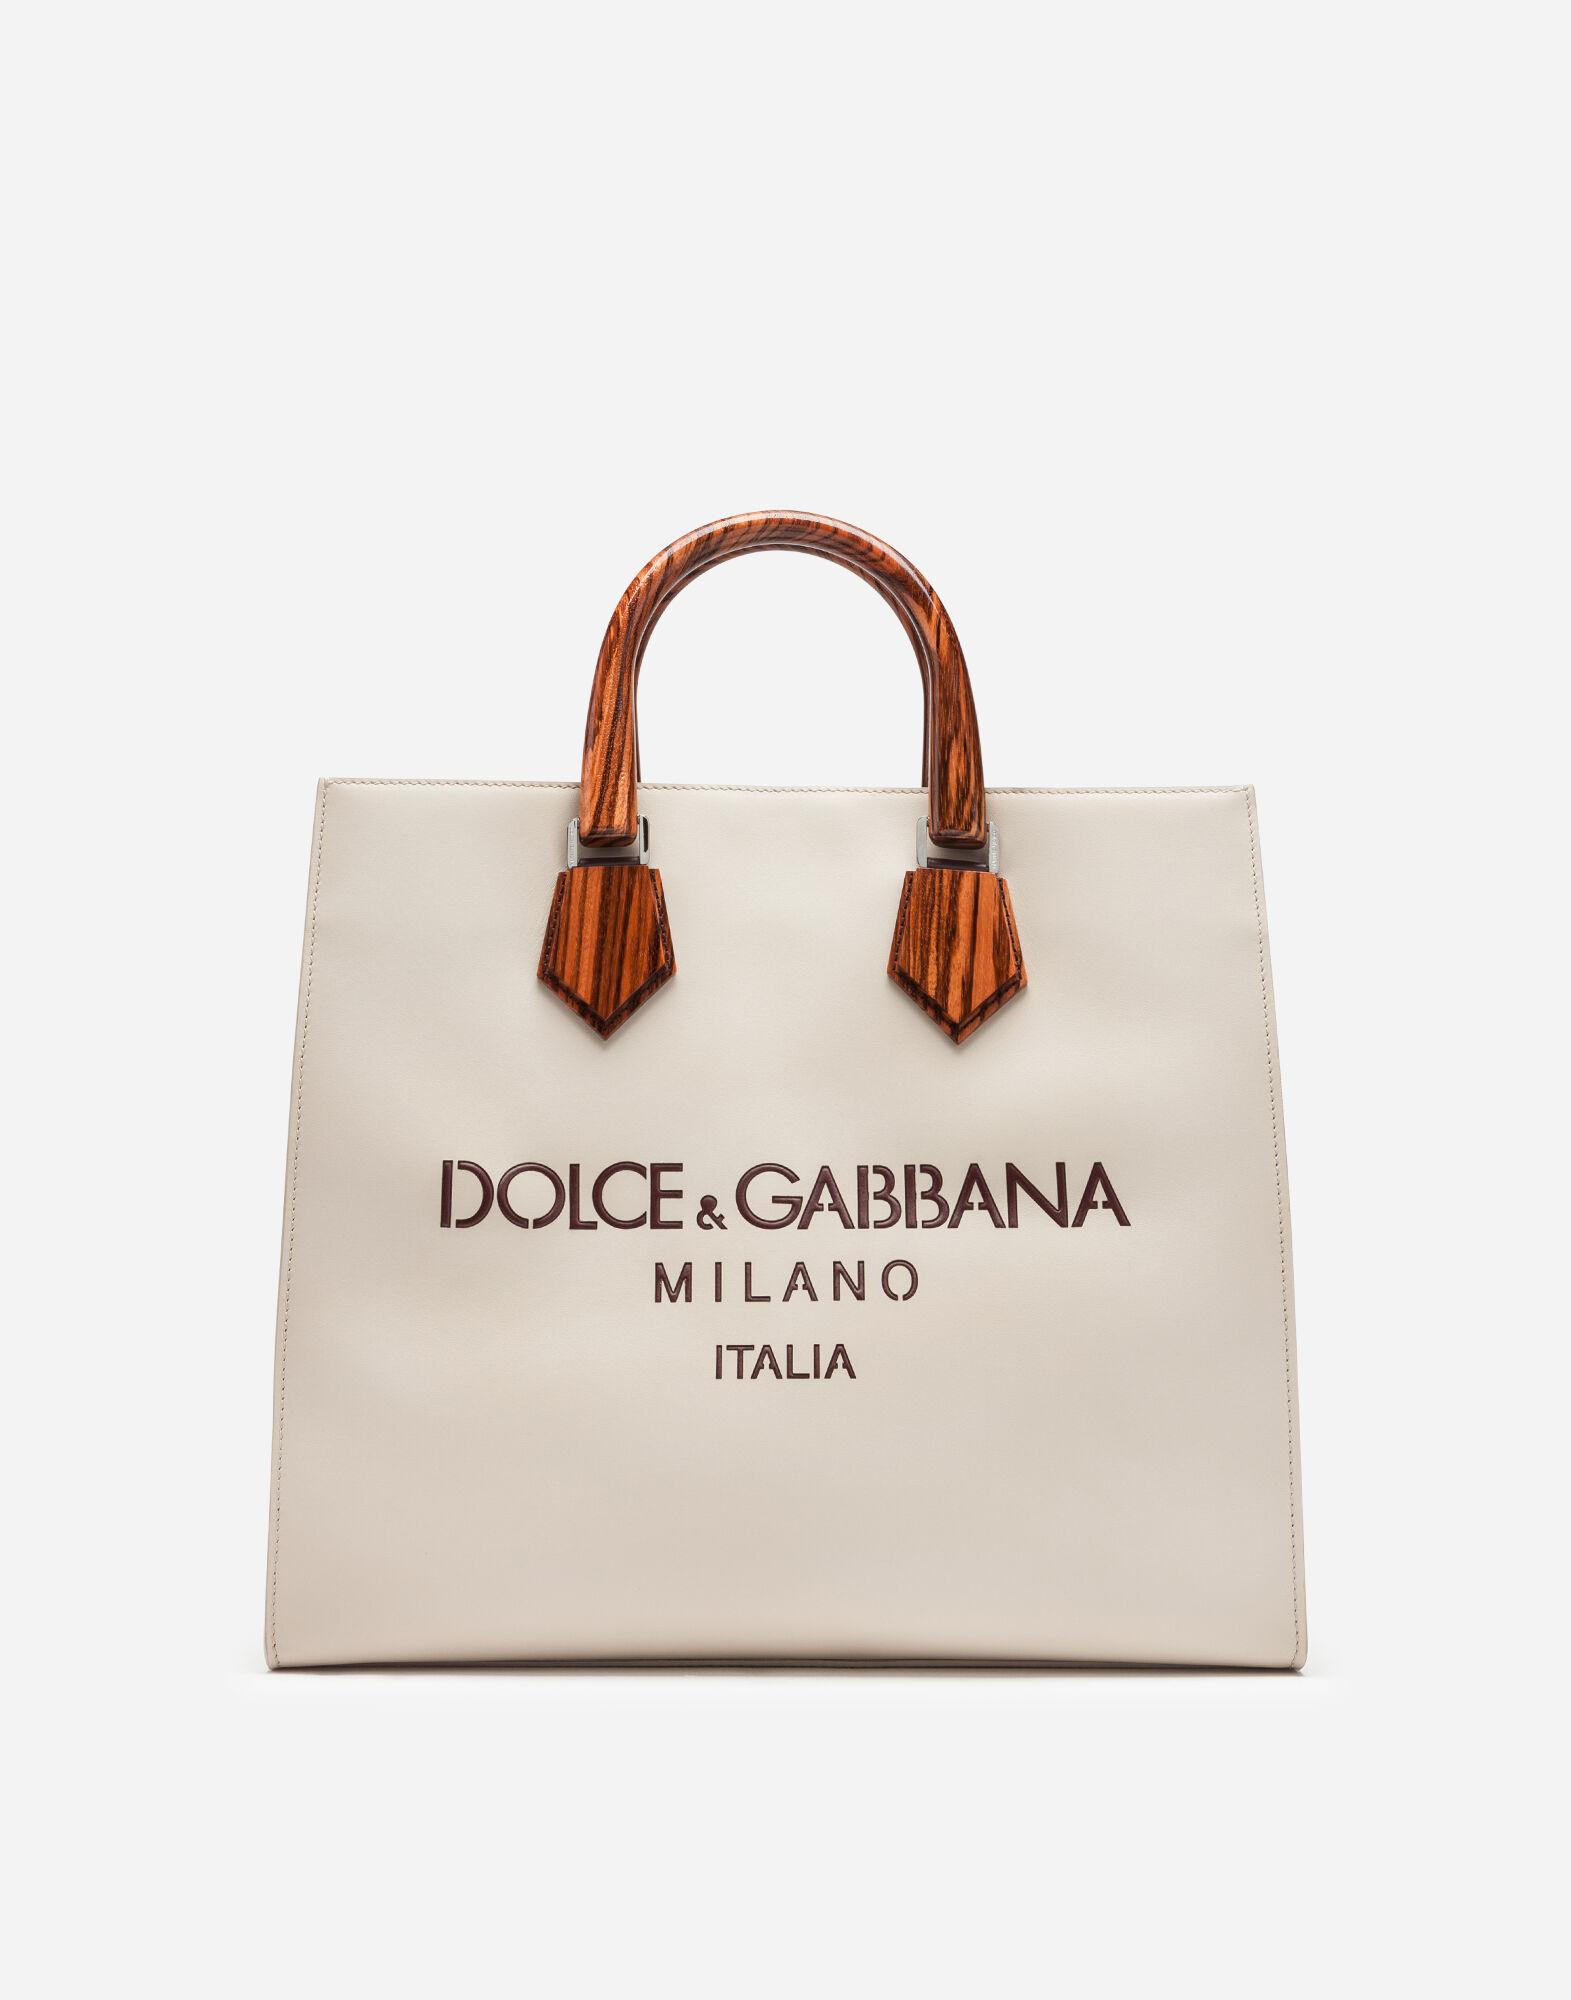 おしゃれなメンズブランドバッグ DOLCE&GABBANA レーザードロゴ